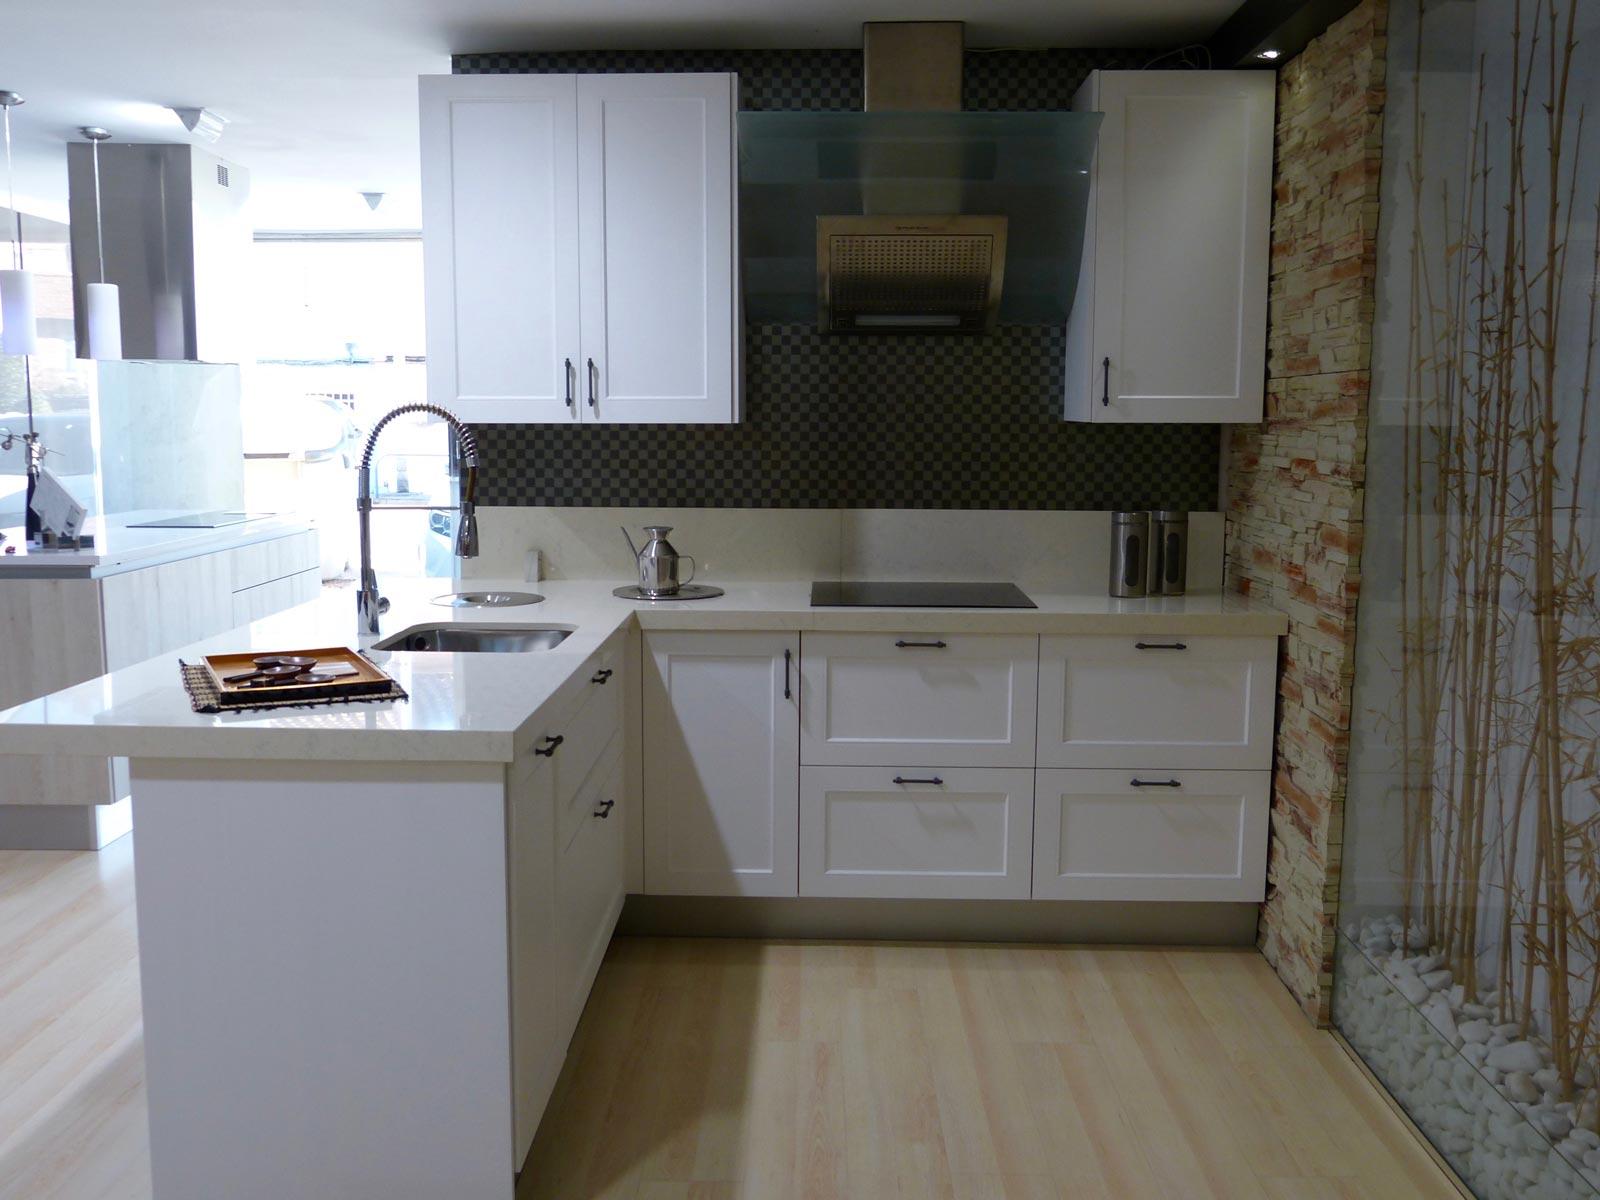 cocinas-premium-12 - Tienda de muebles de cocina y baño en Santander